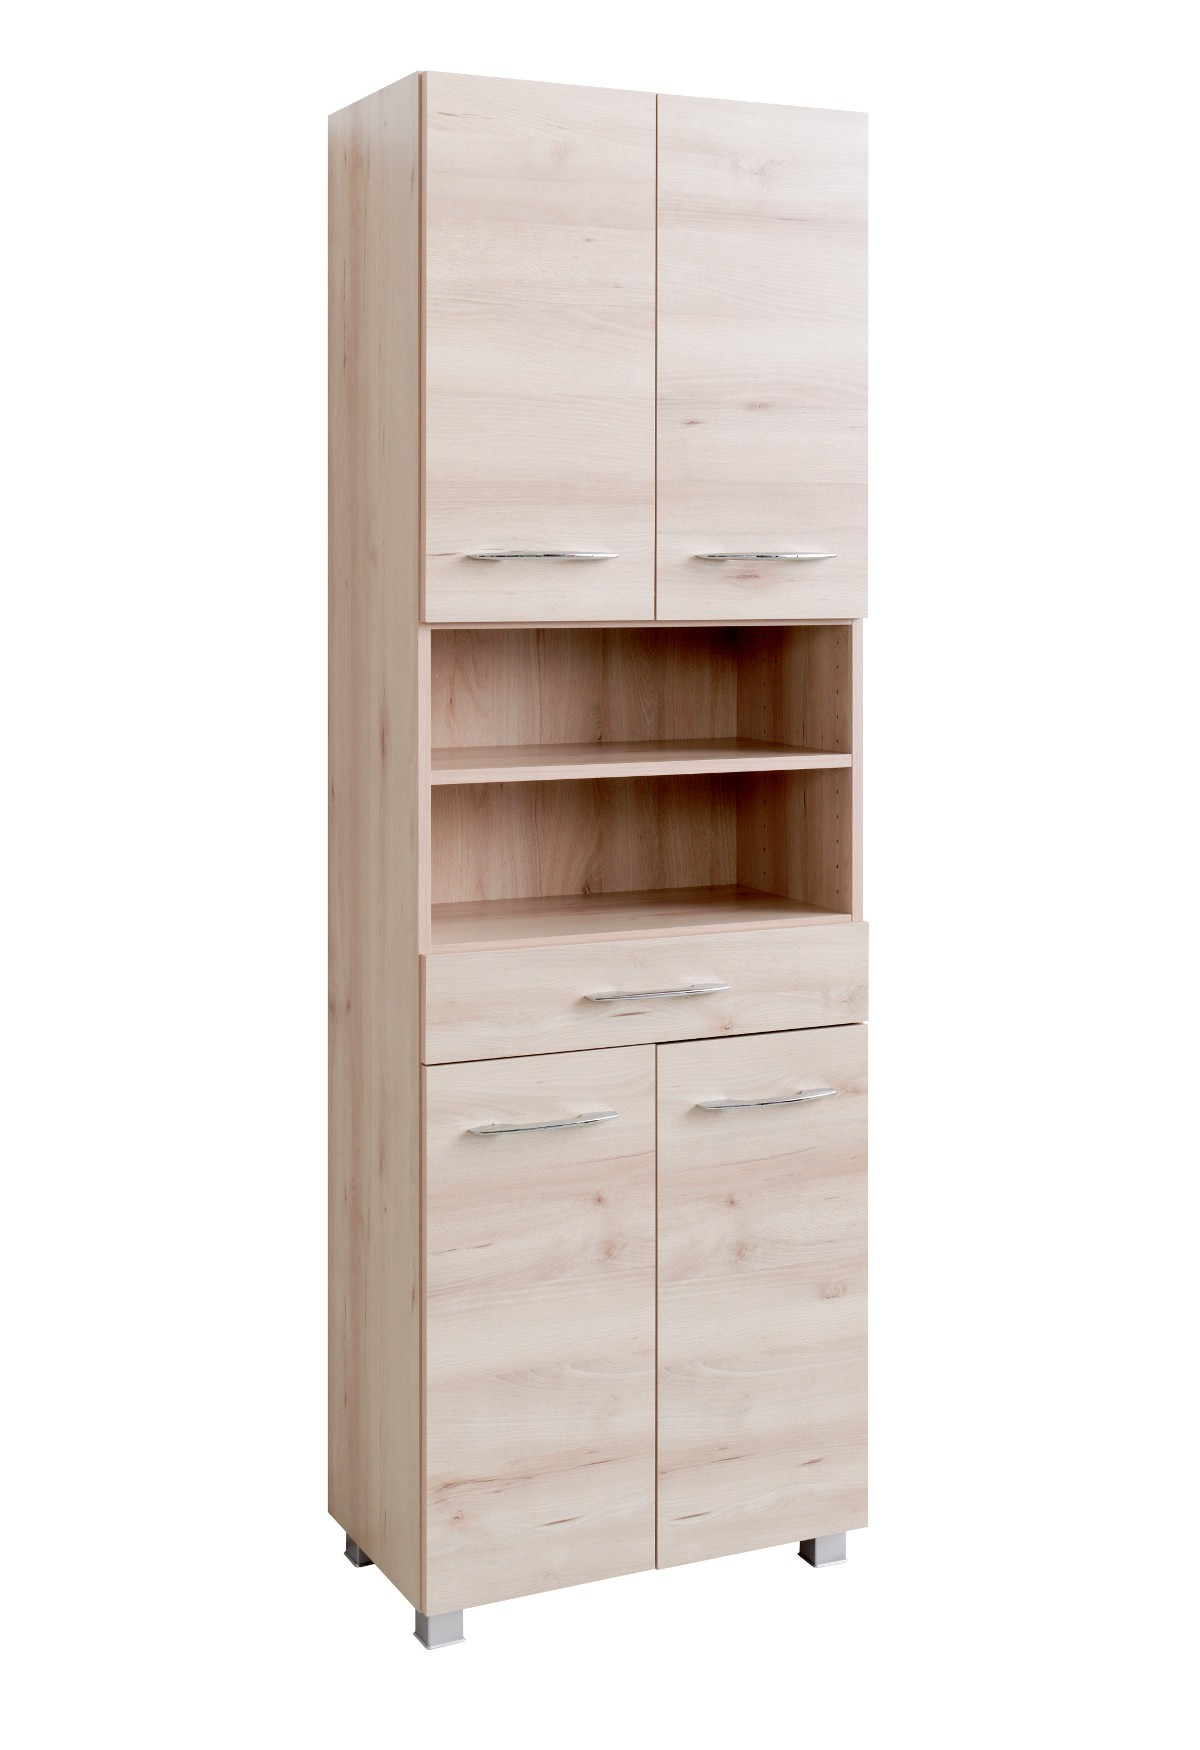 bad hochschrank portofino 4 t rig 1 schubkasten 60 cm breit buche iconic bad bad hochschr nke. Black Bedroom Furniture Sets. Home Design Ideas